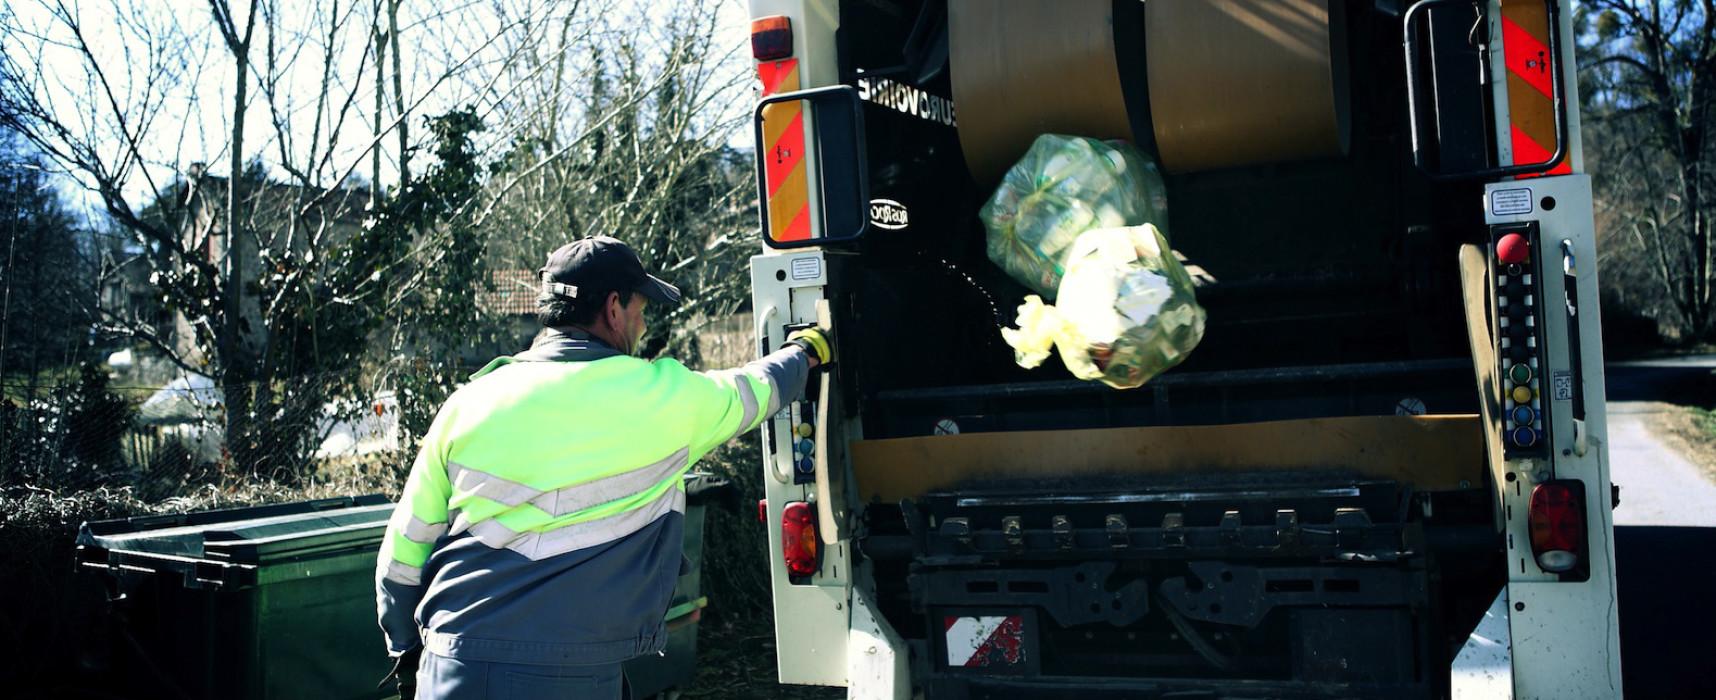 Pentecôte : modification de quelques collectes d'ordures ménagères et de tri